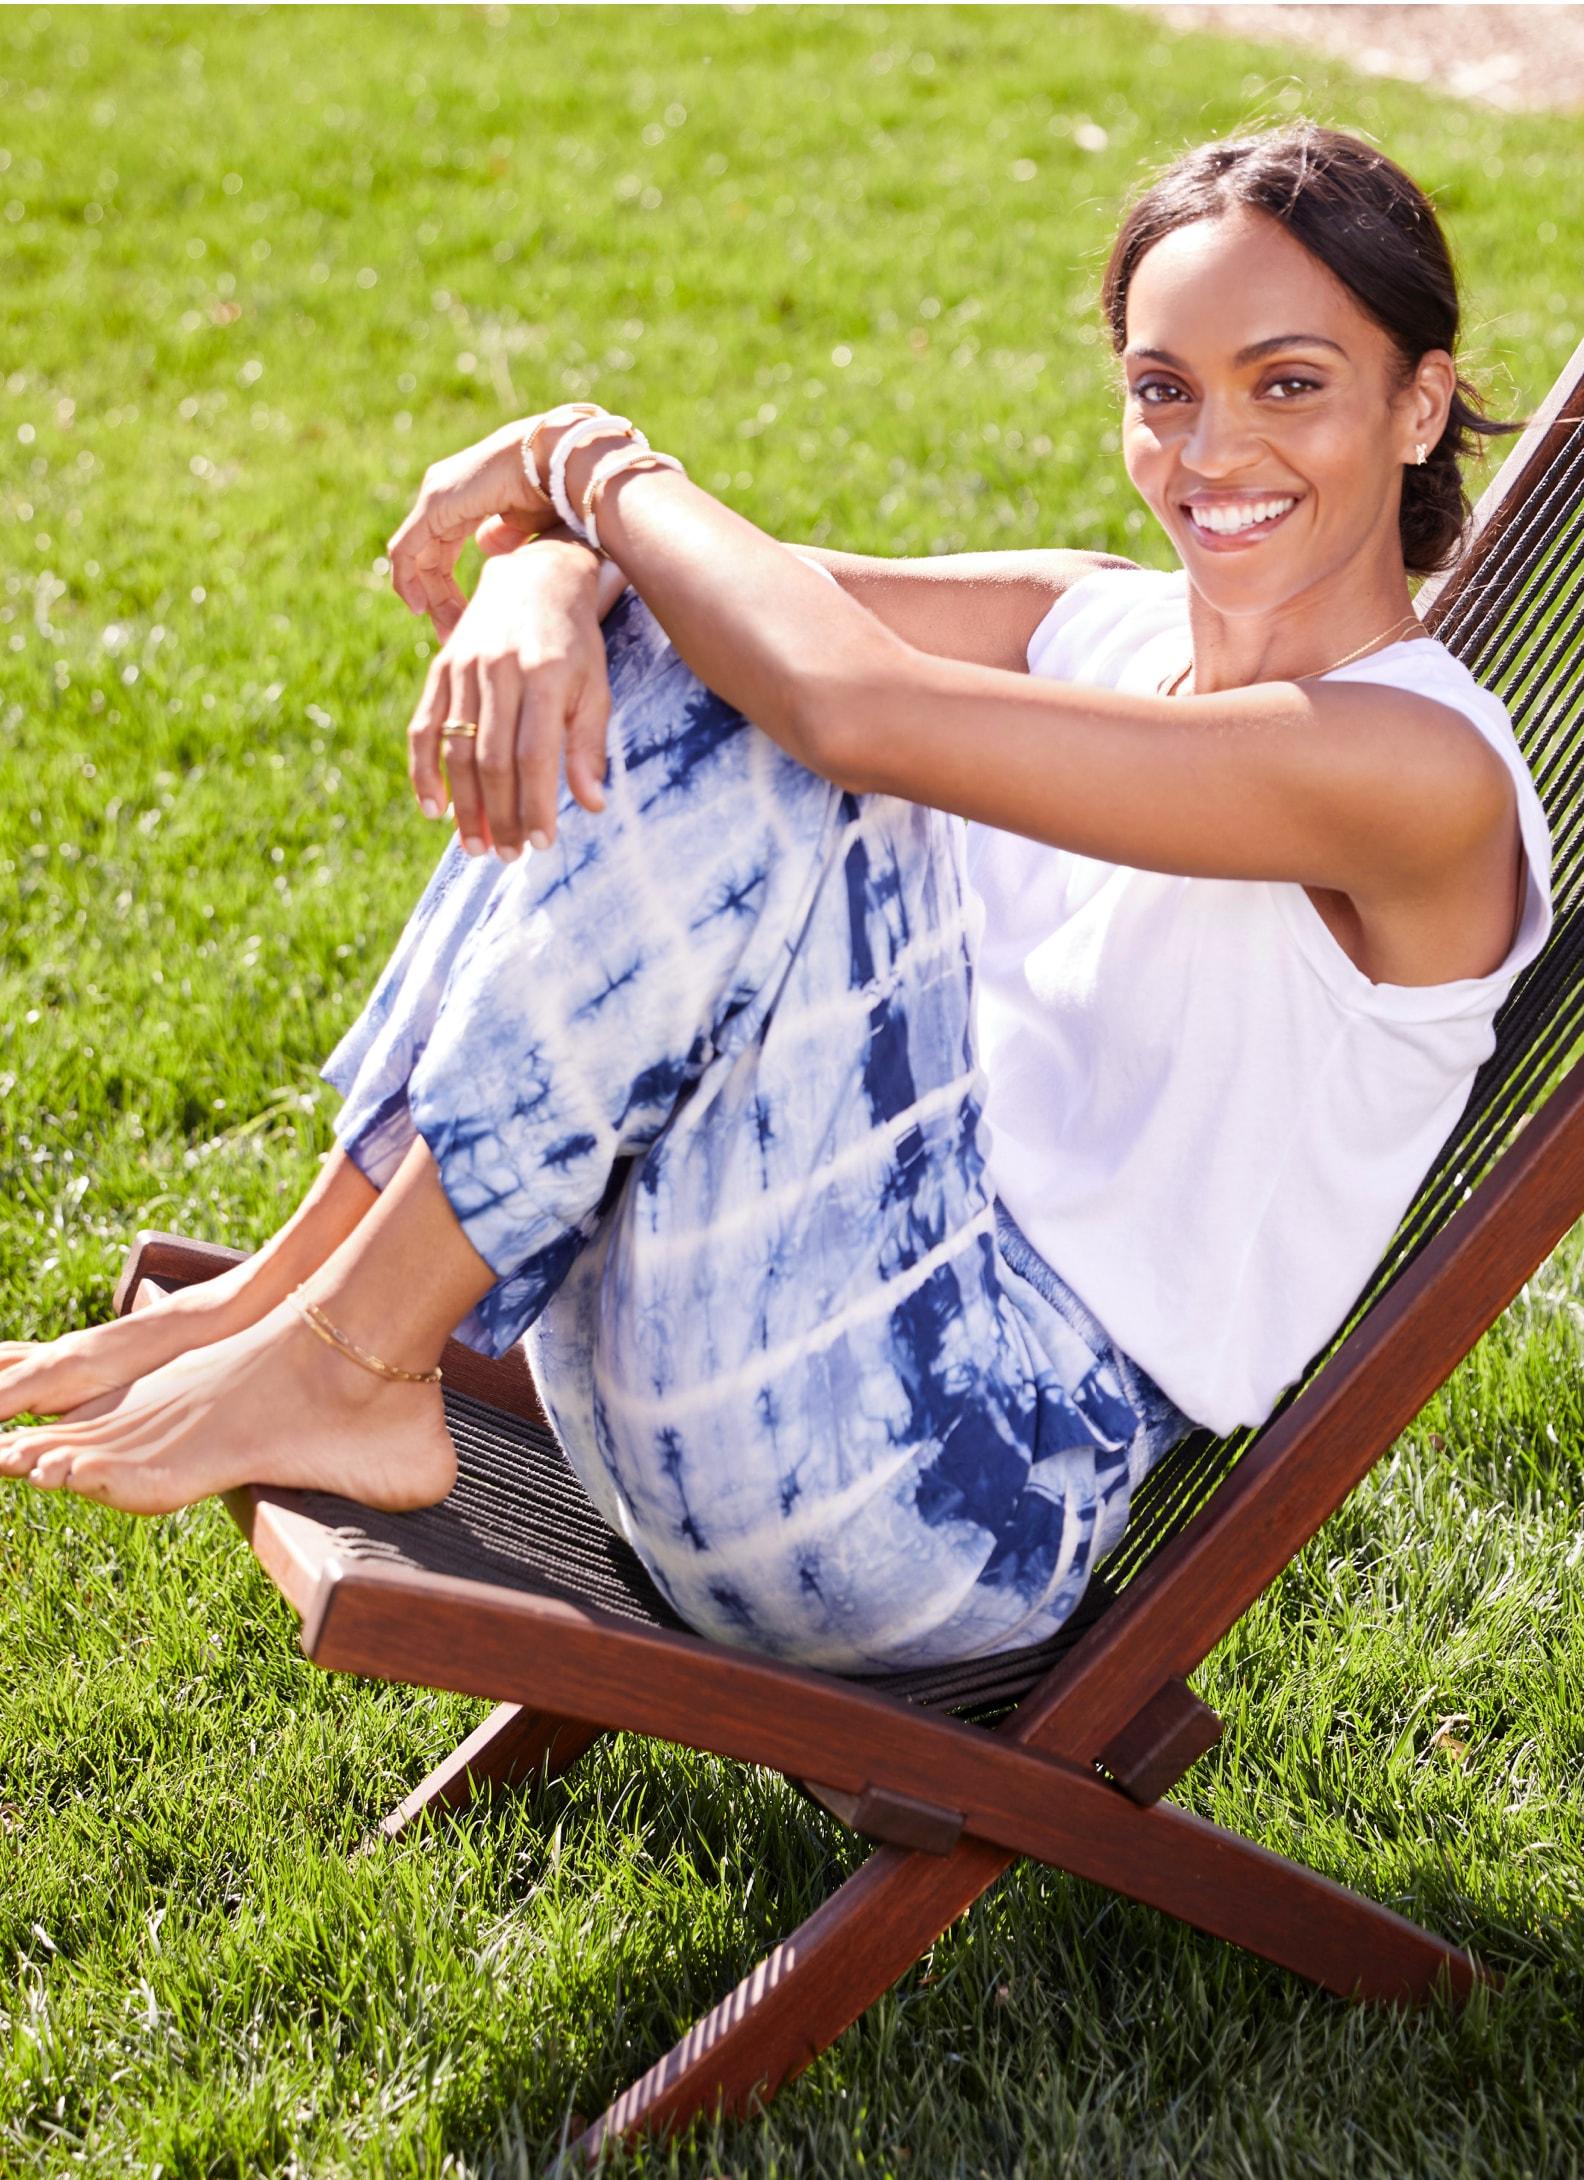 Woman wearing white tank and blue tie dye pants